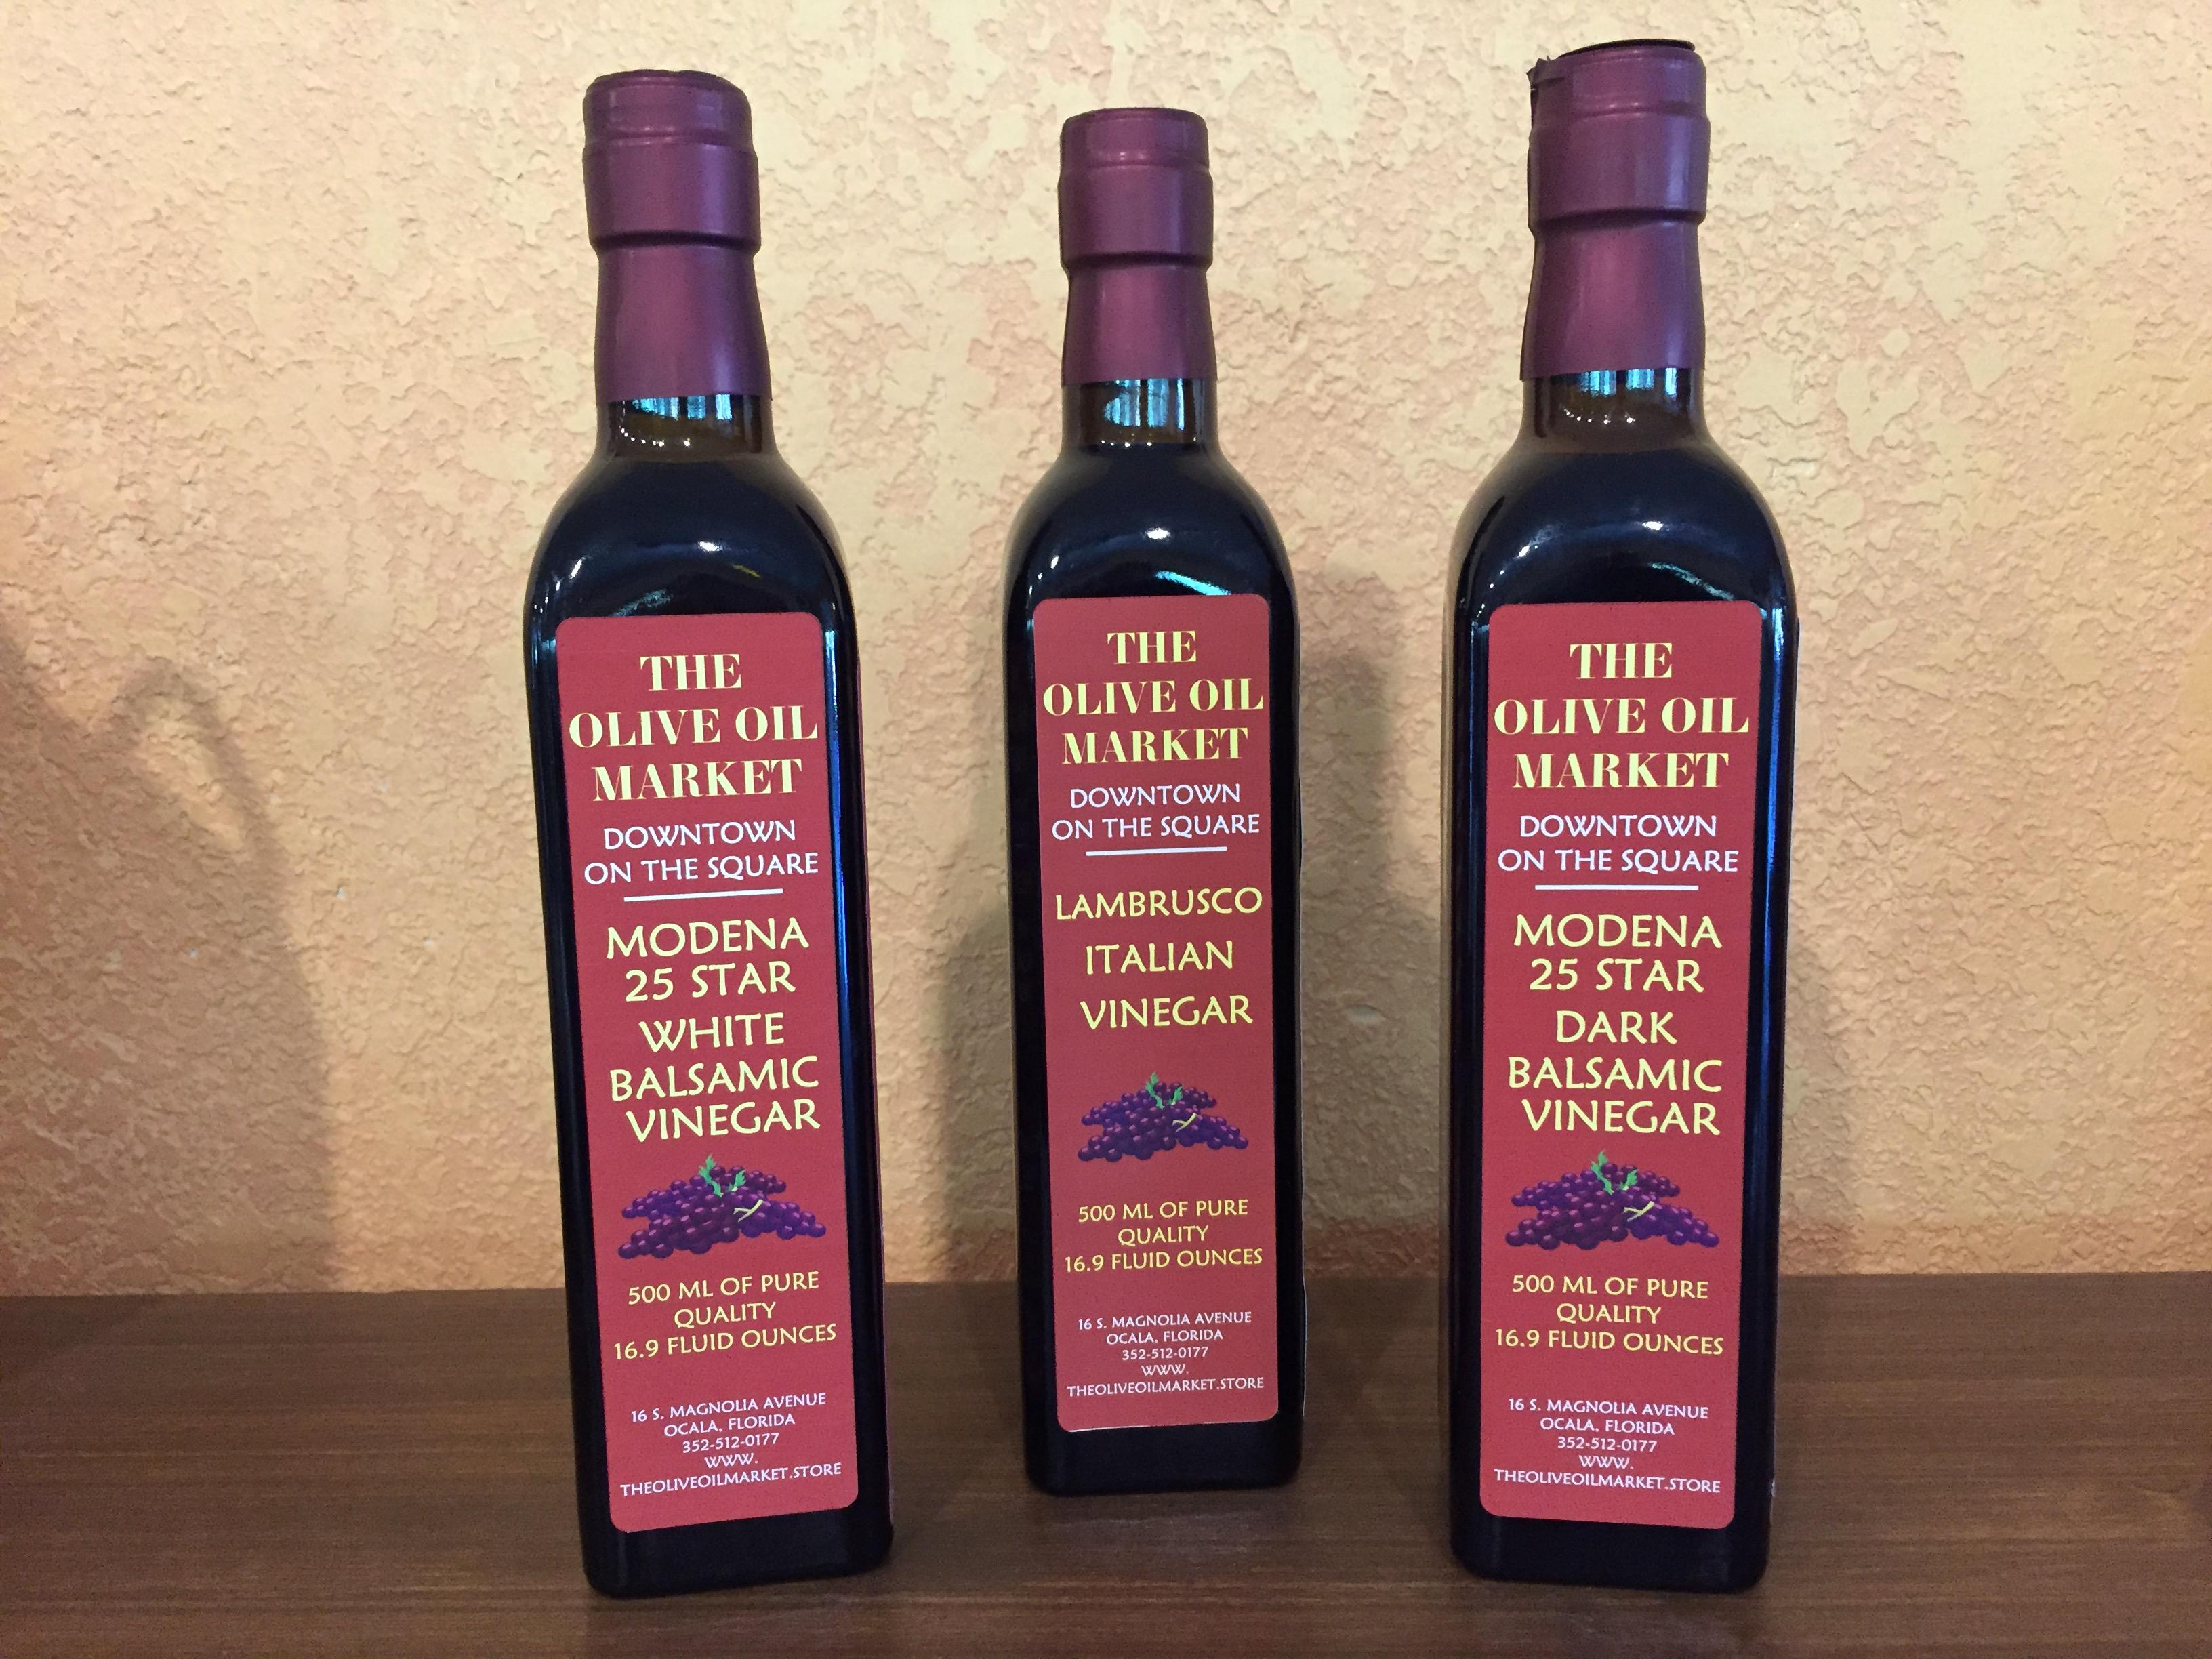 Modena Balsamic Vinegars